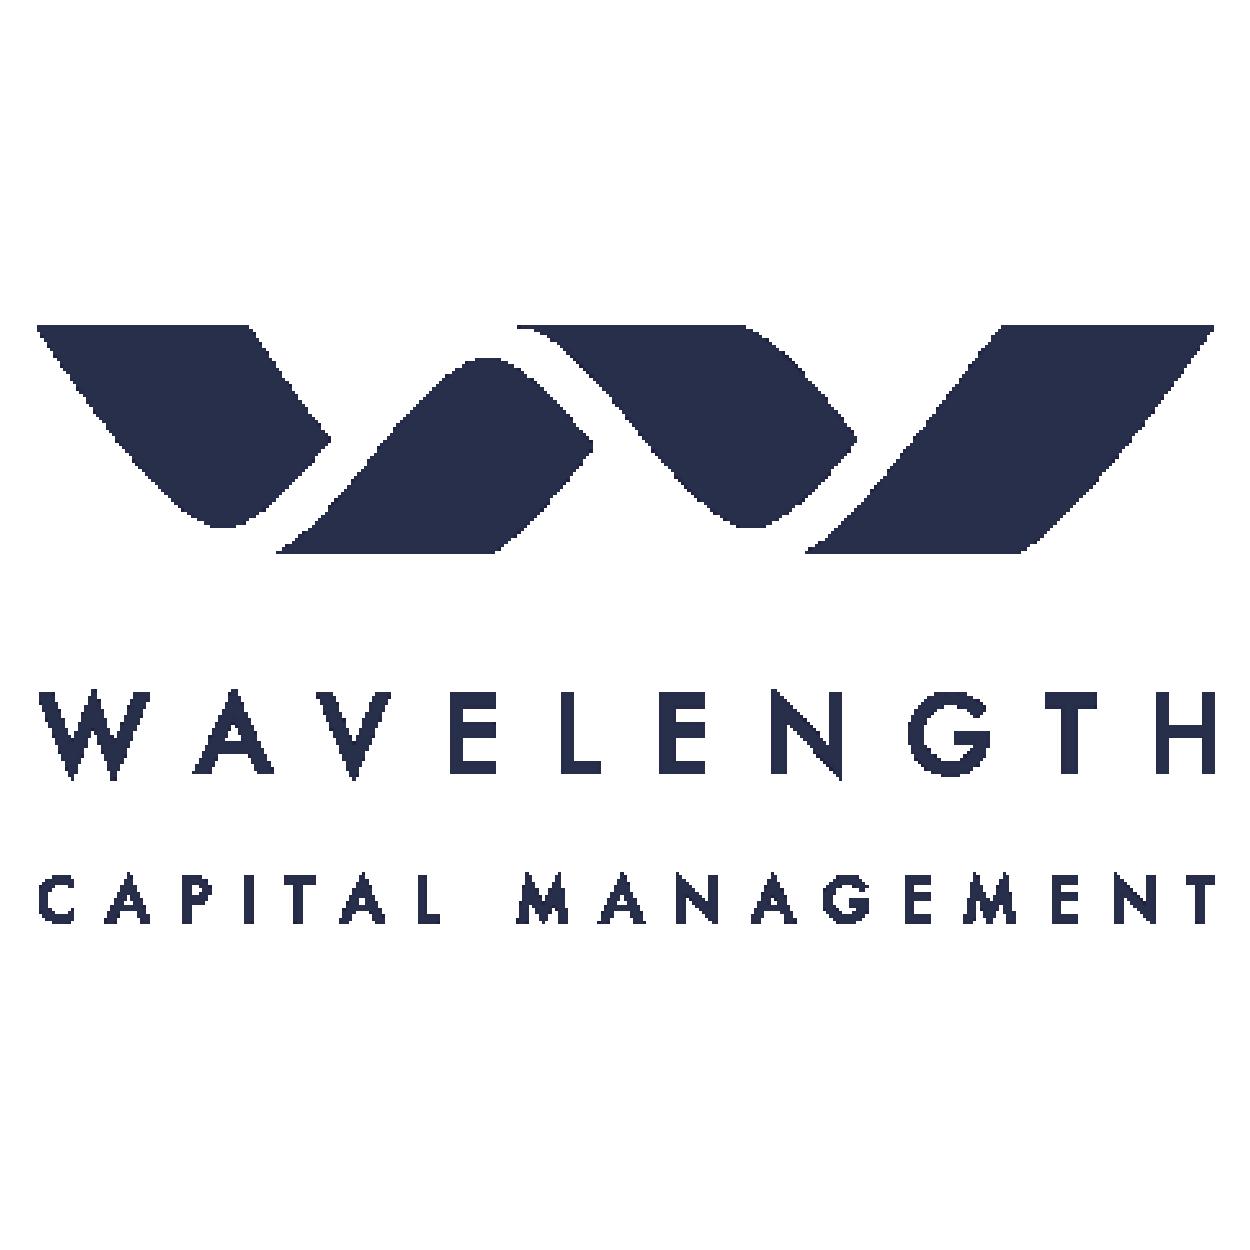 Wavelength Capital Management für Investment Excellence 2021 Refinitiv Lipper Fund Awards ausgezeichnet